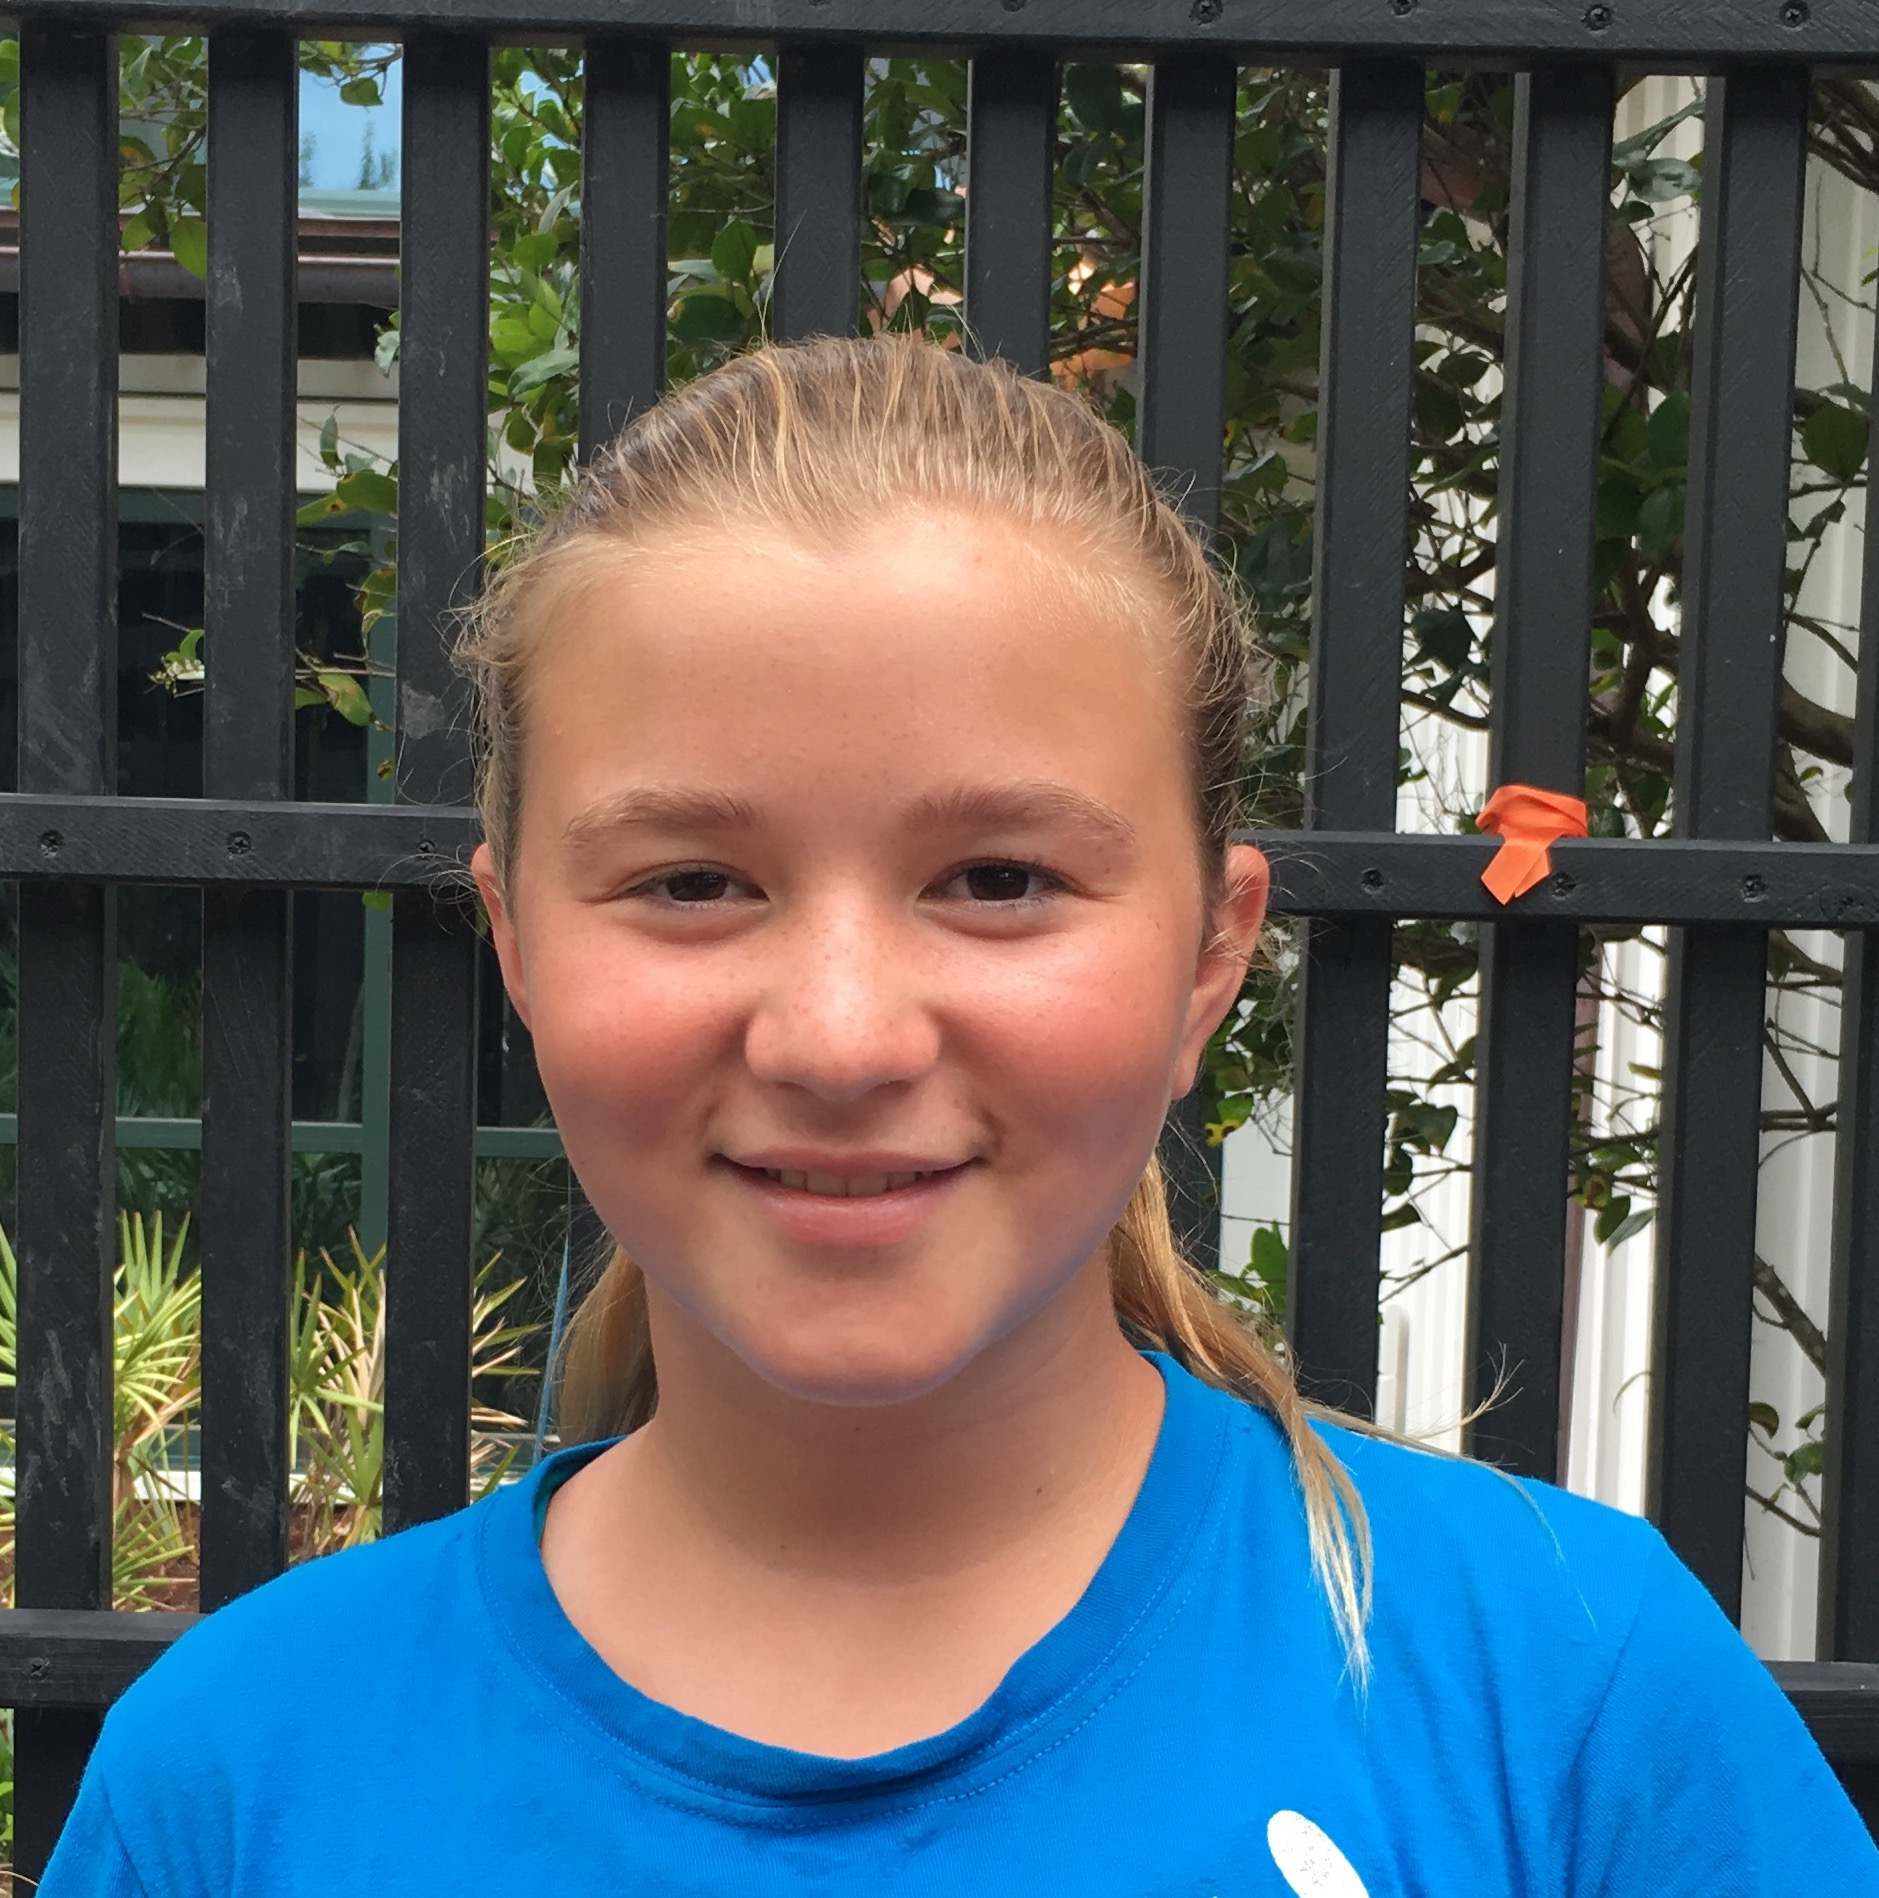 World peace! Eve Age 11